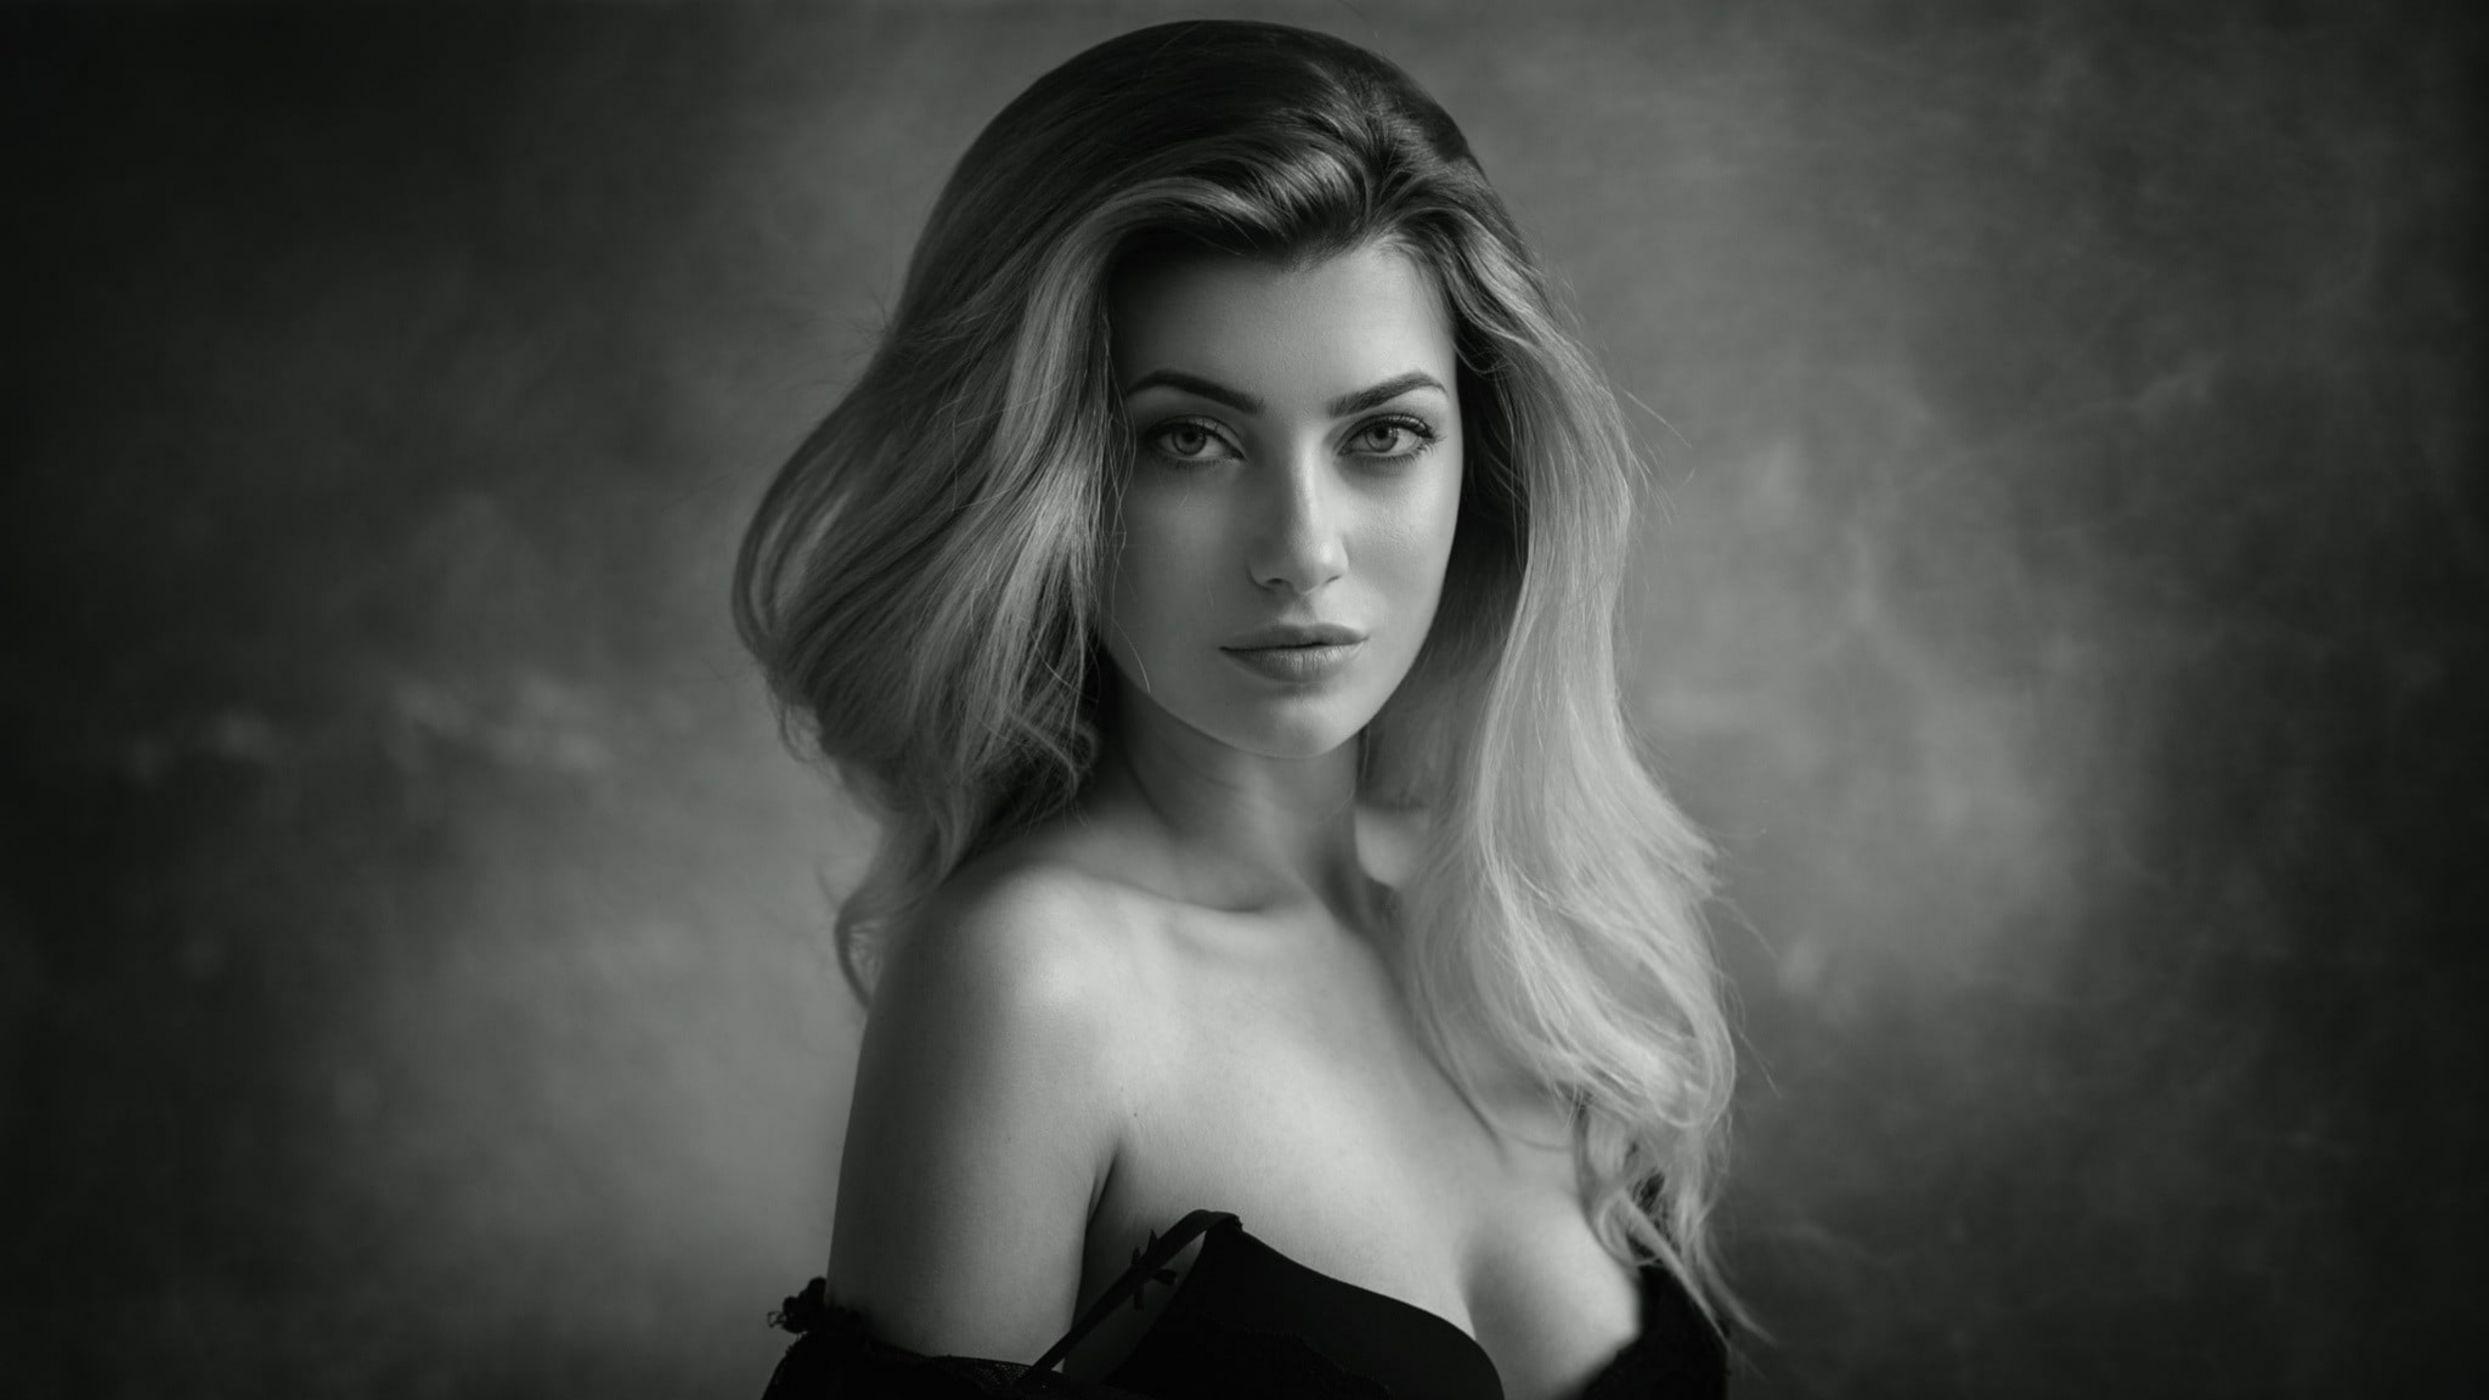 Фото красивых блондинок черно белое